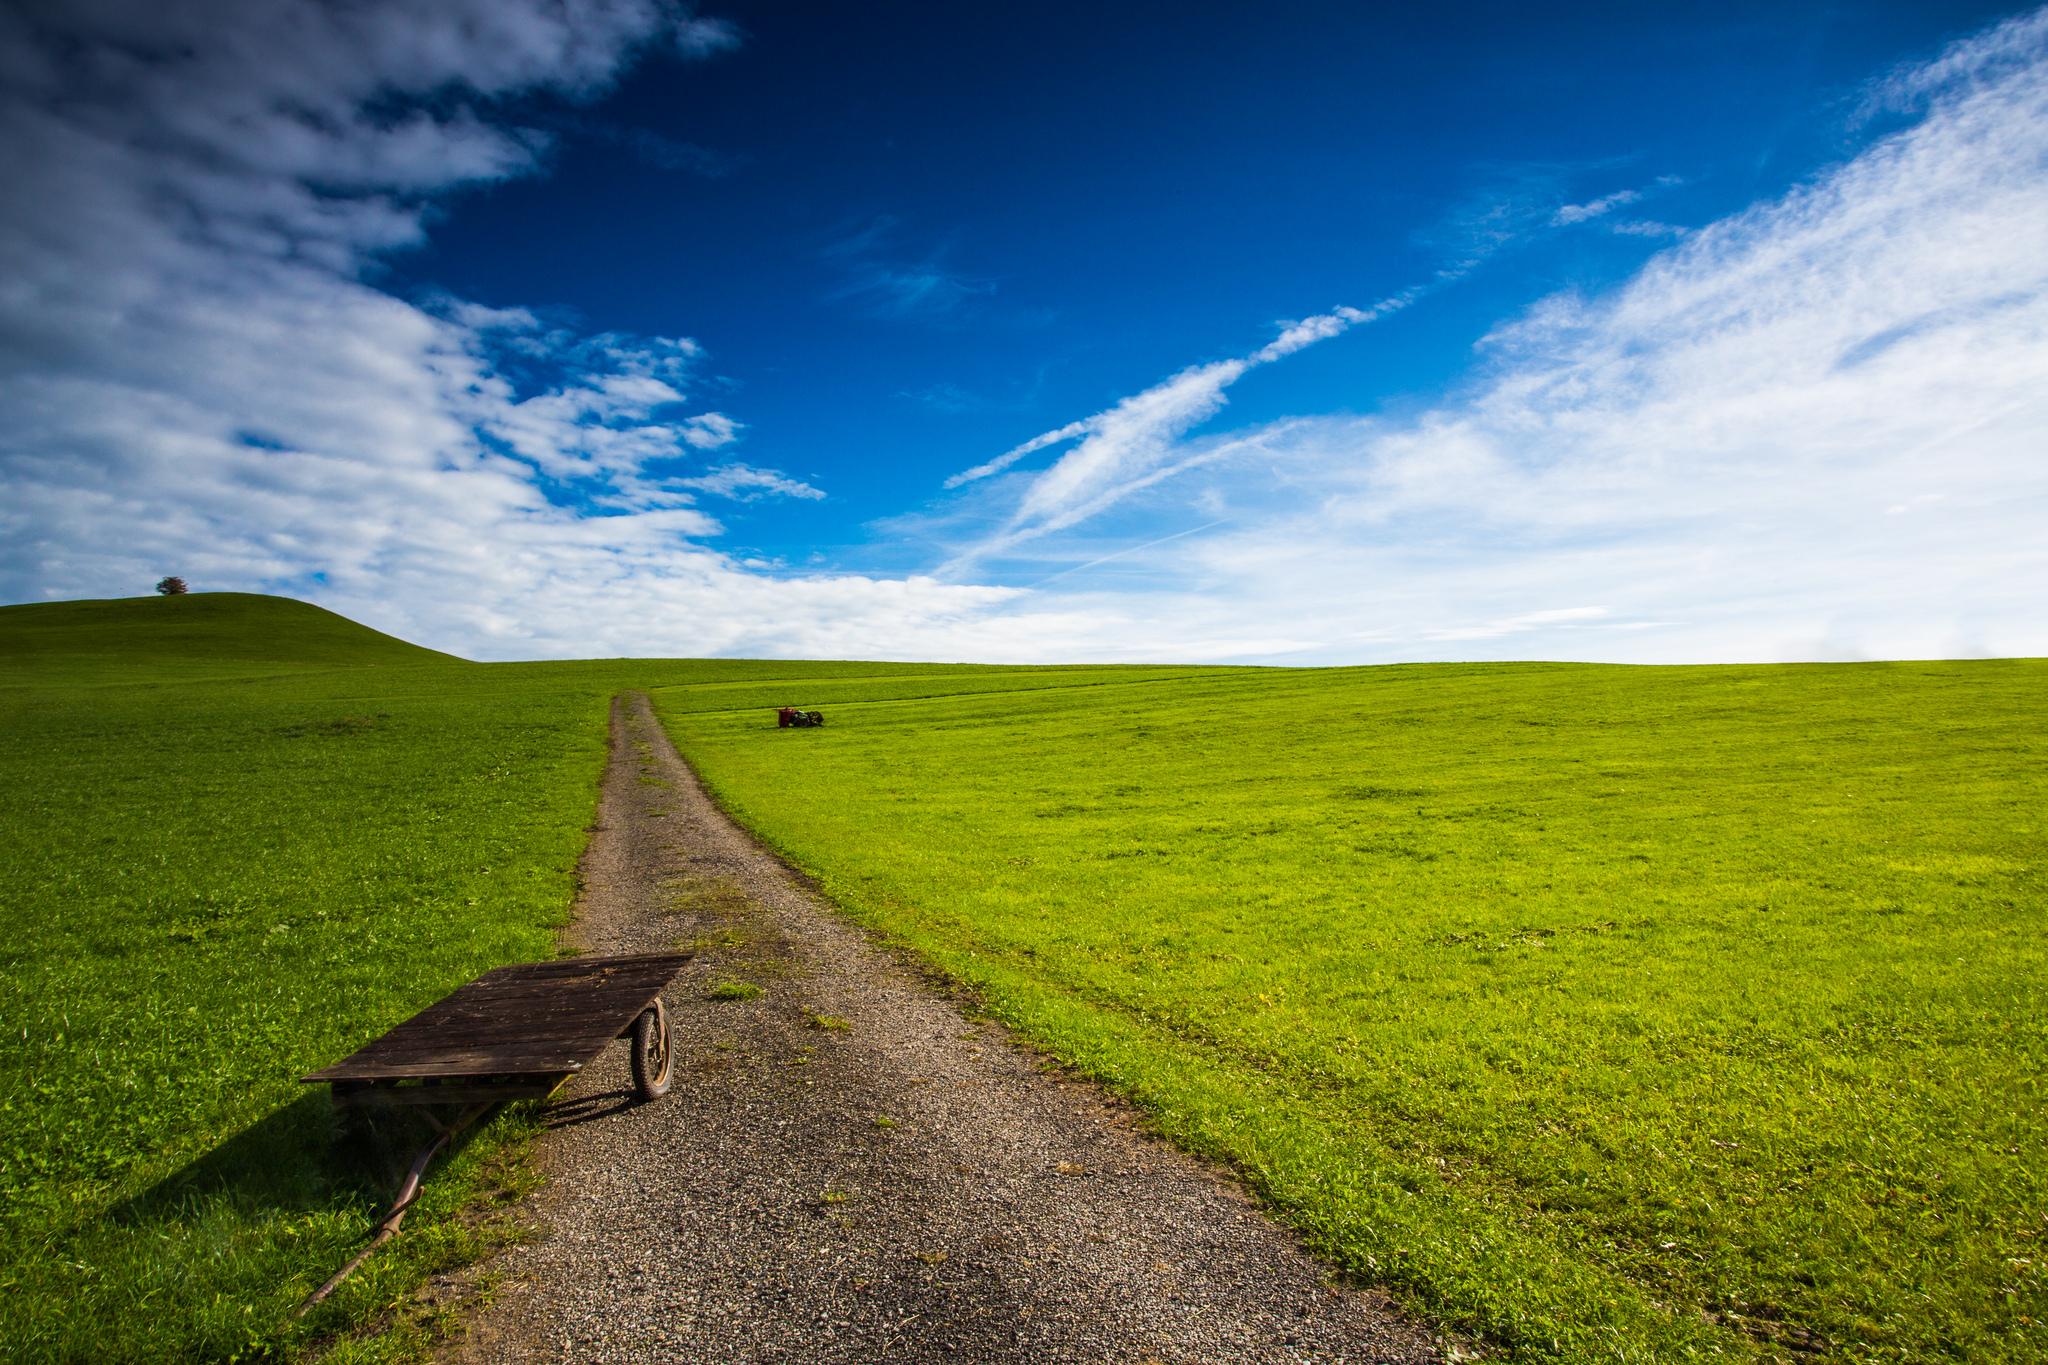 Дорога через зеленое поле  № 2604454 загрузить